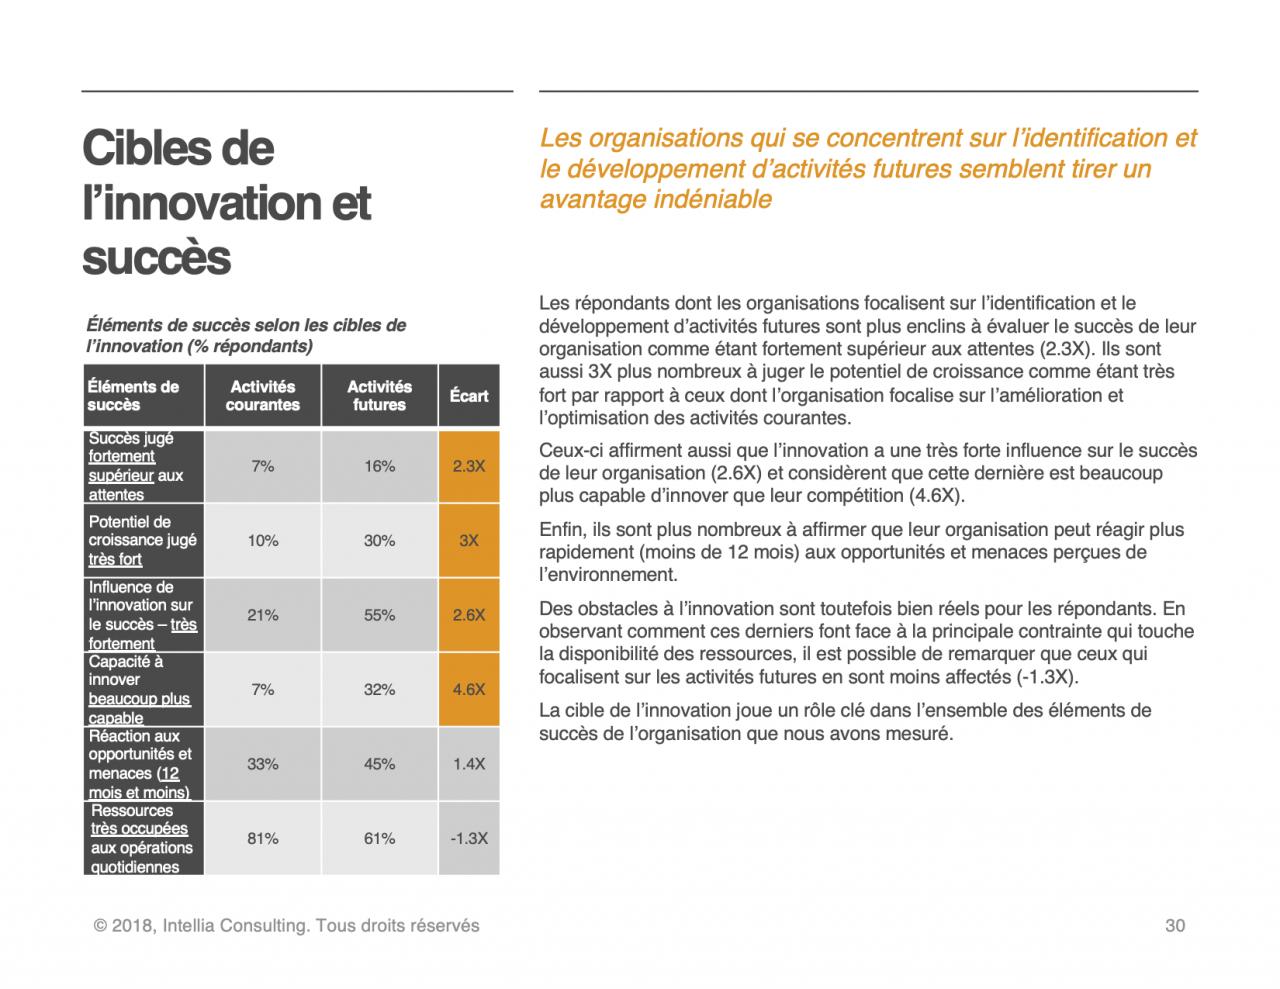 Succès des cibles d'innovation